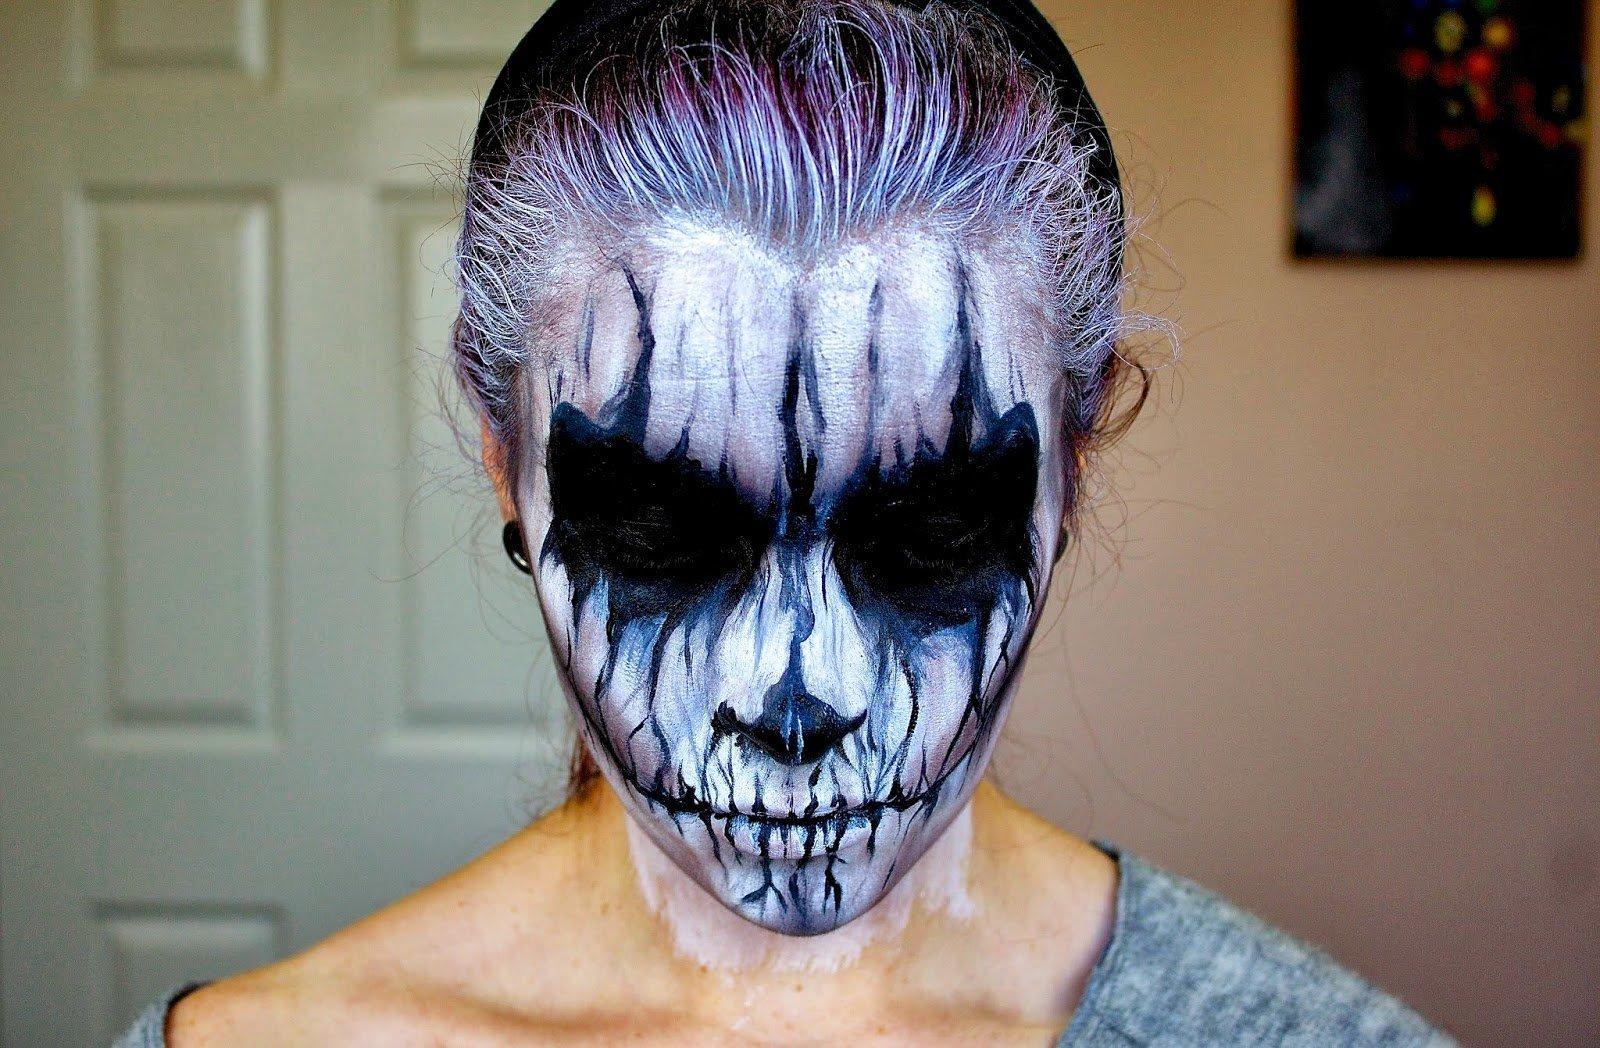 Маска на хэллоуин из грима